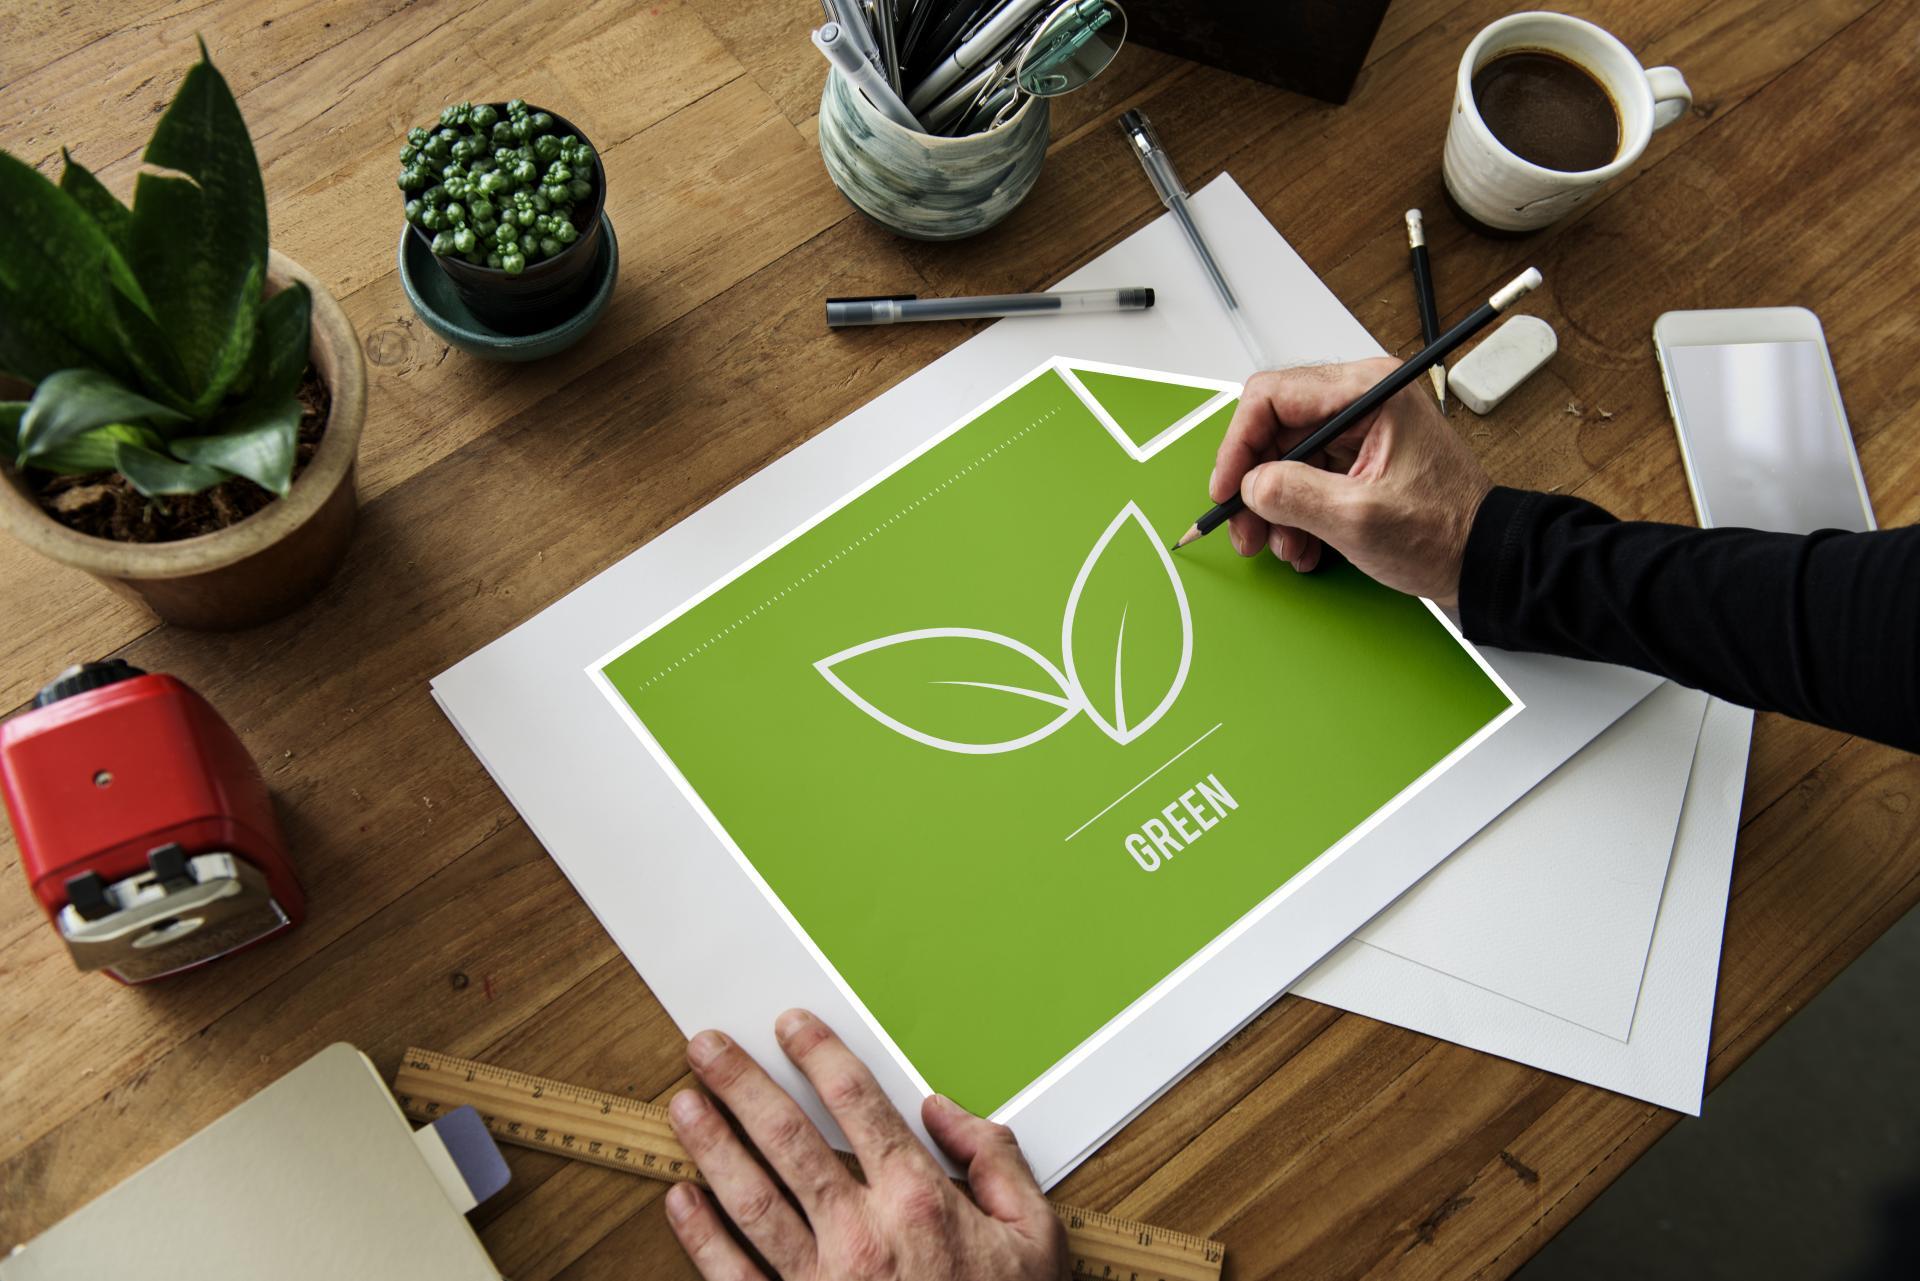 Mobilwandel2035: Umweltministerium startet Wettbewerb für nachhaltige Mobilität